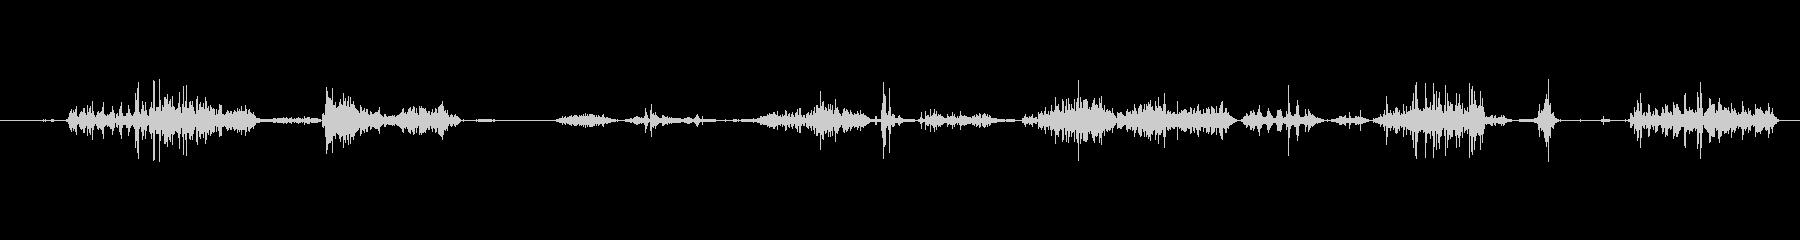 犬 ドーベルマンスナル01の未再生の波形